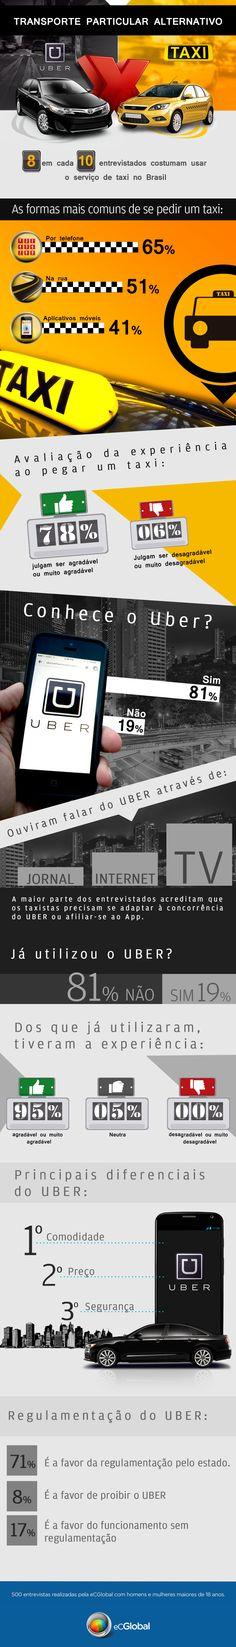 Pesquisa realizada pela eCGlobal Solutions em parceria com a eCMetrics, com 500 membros da eCGlobal.com, homens e mulheres maiores de 18 anos, entre os dias 06 e 24 de agosto de 2015. Confira a análise da pesquisa através do nosso slideshare: http://pt.slideshare.net/eCGlobalSolutions/uber-x-taxi-transporte-particular-alternativo #UBER